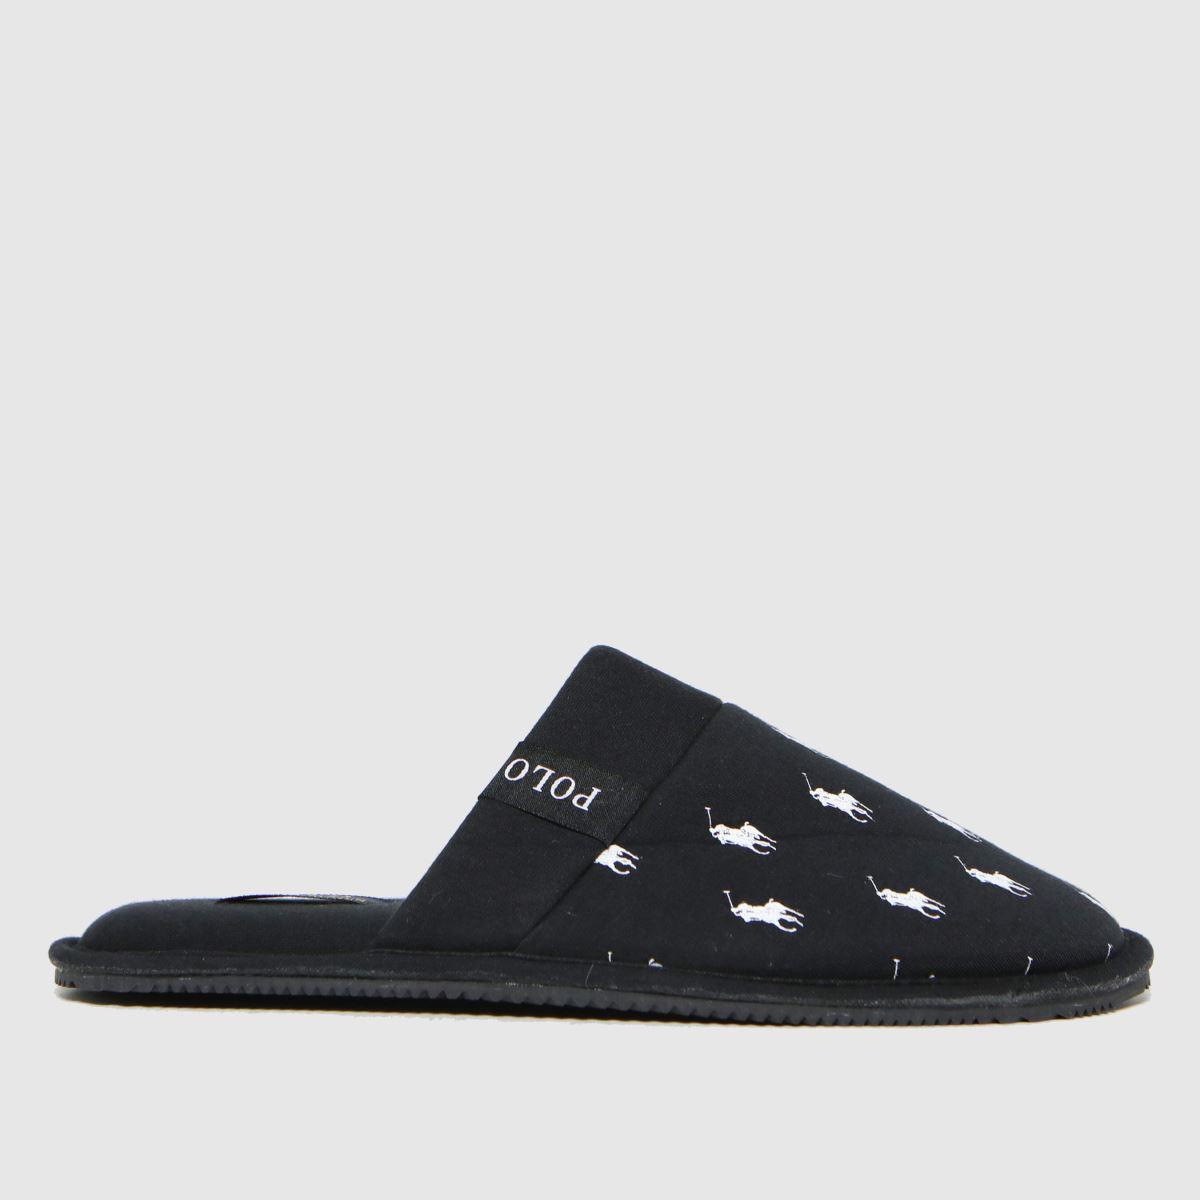 Polo Ralph Lauren Black & White Kollin Slippers